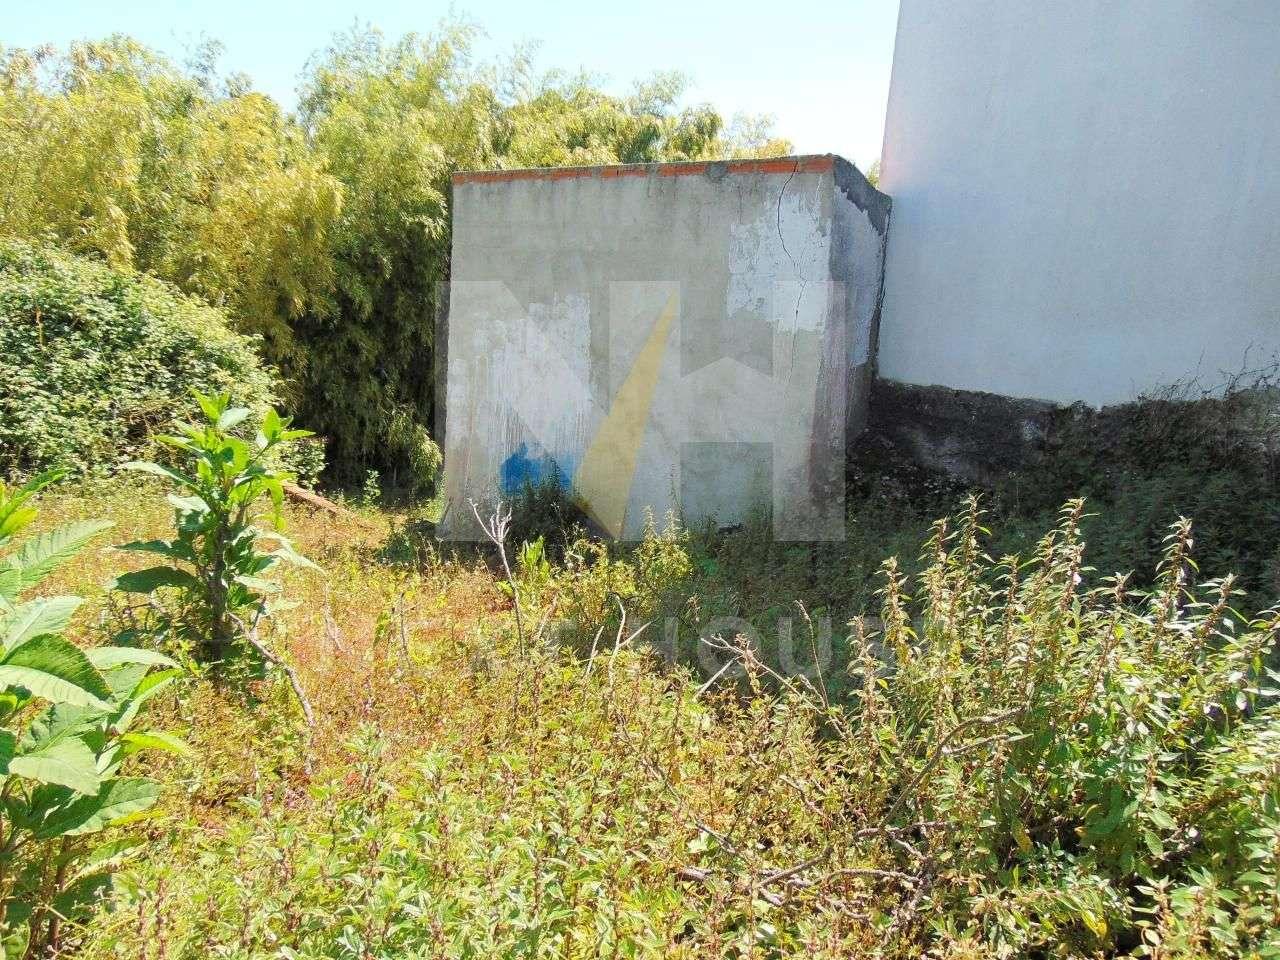 Terreno para comprar, Glória e Vera Cruz, Aveiro - Foto 8